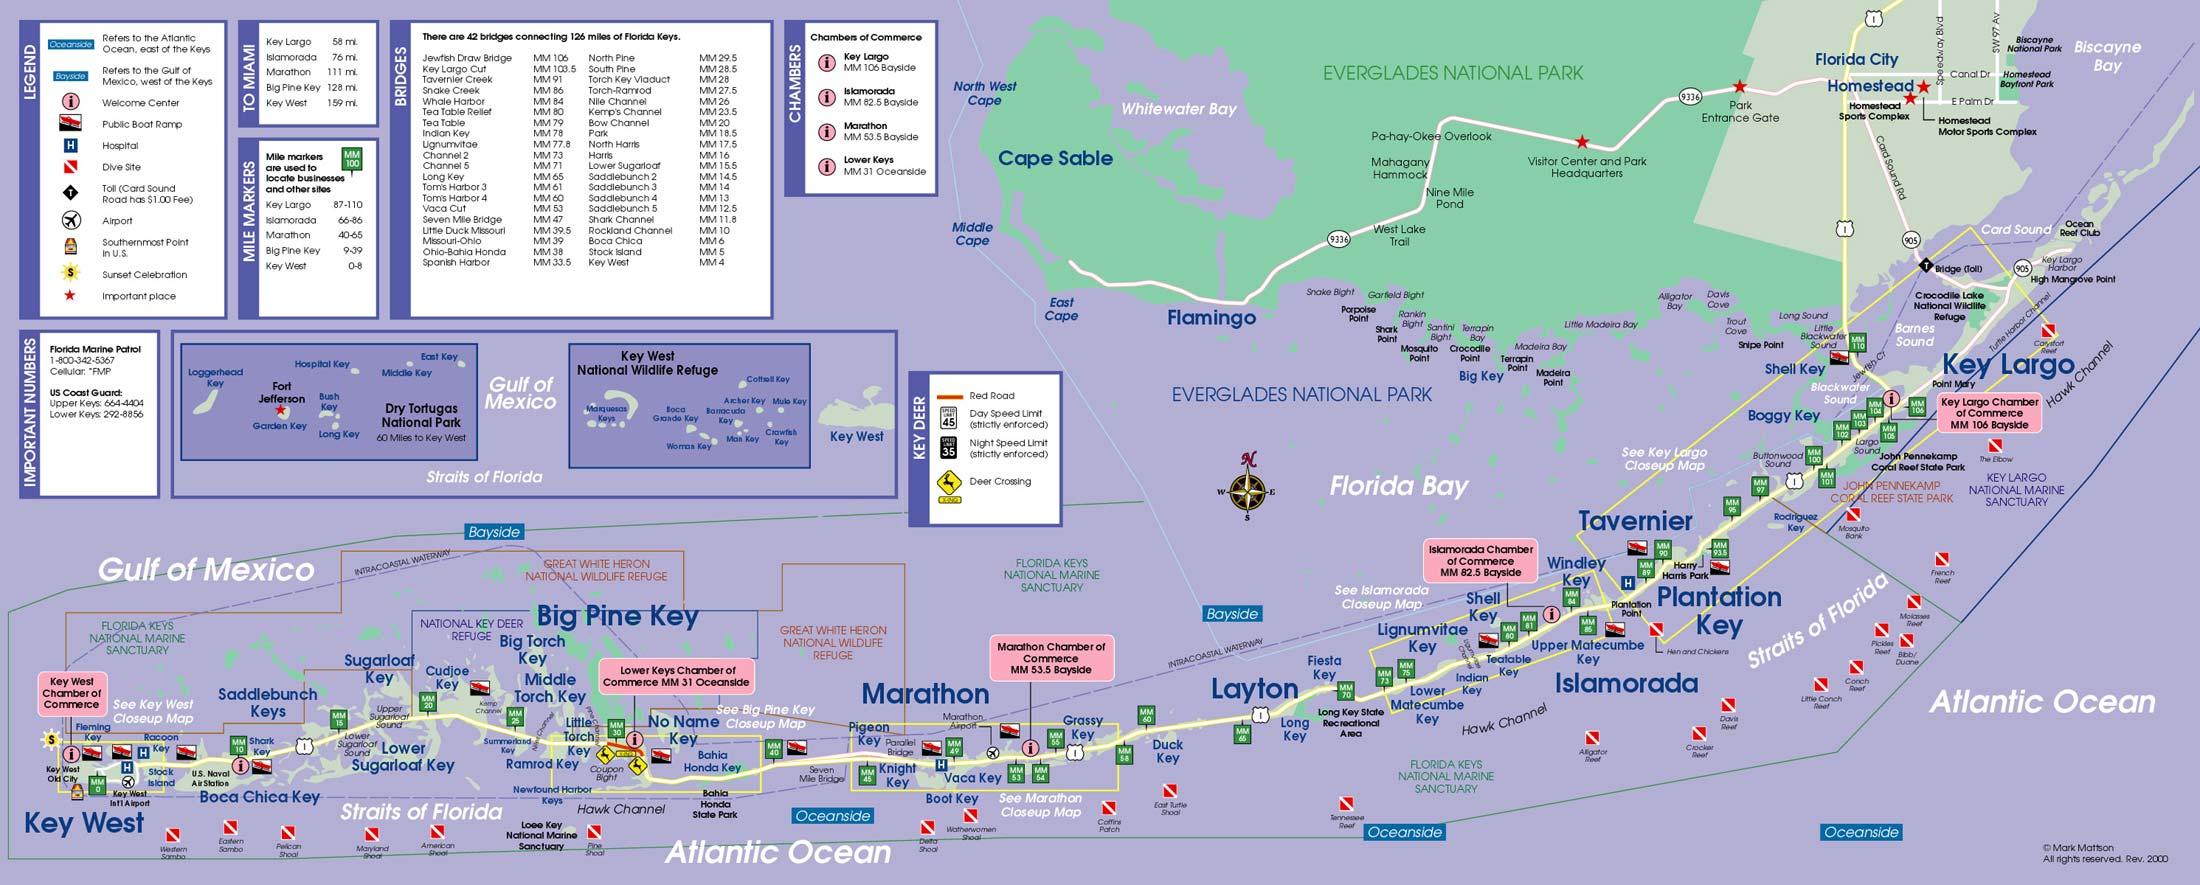 Offshore Fishing Maps Florida Inshore Fishing Maps Florida - Florida keys map pdf